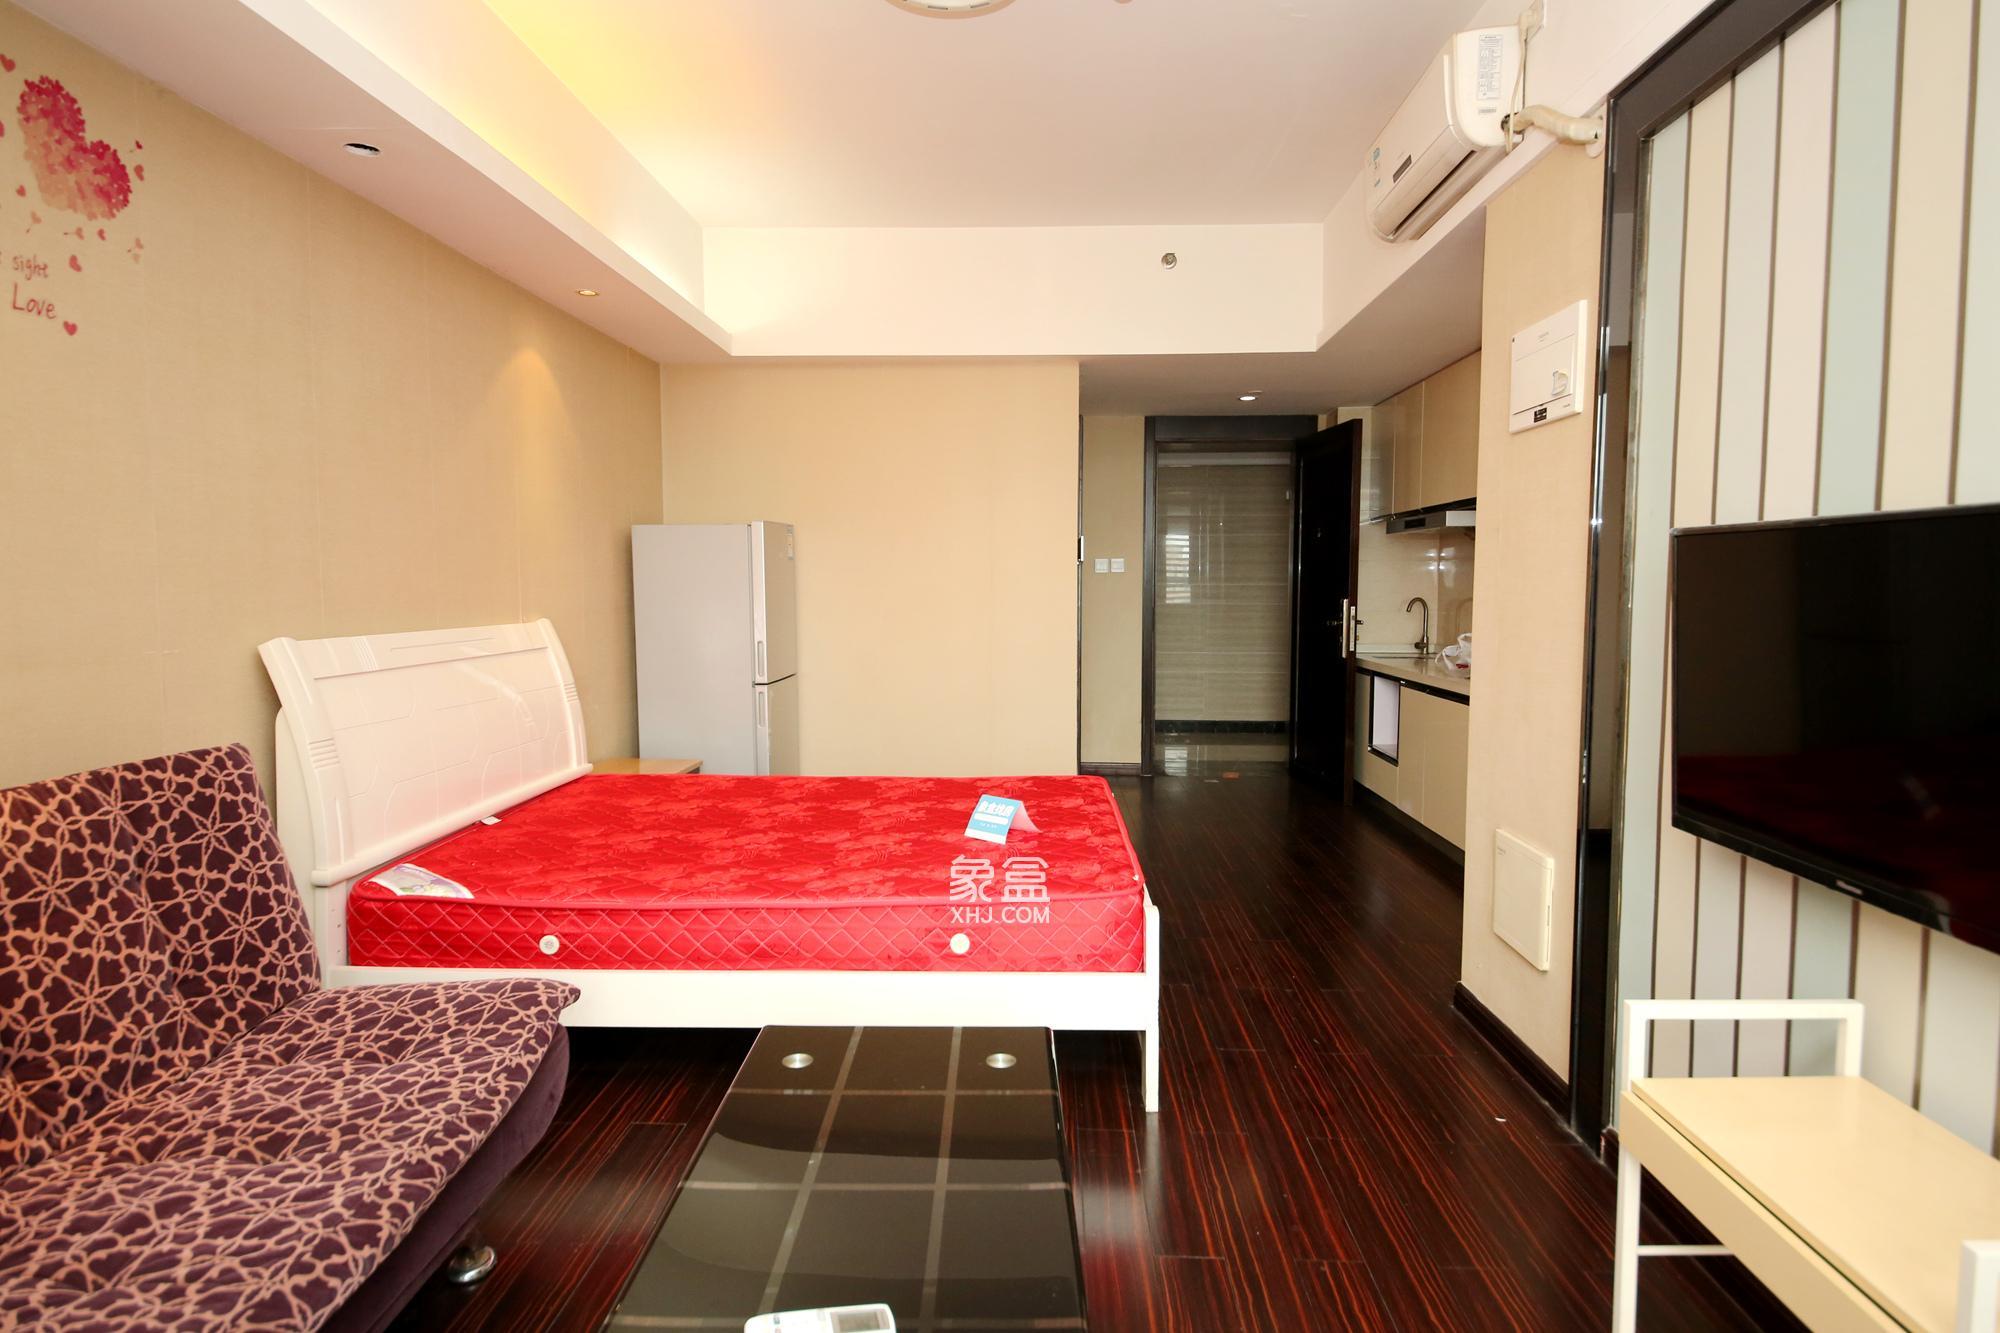 德思勤(宝格丽公寓)  1室0厅0卫    59.0万